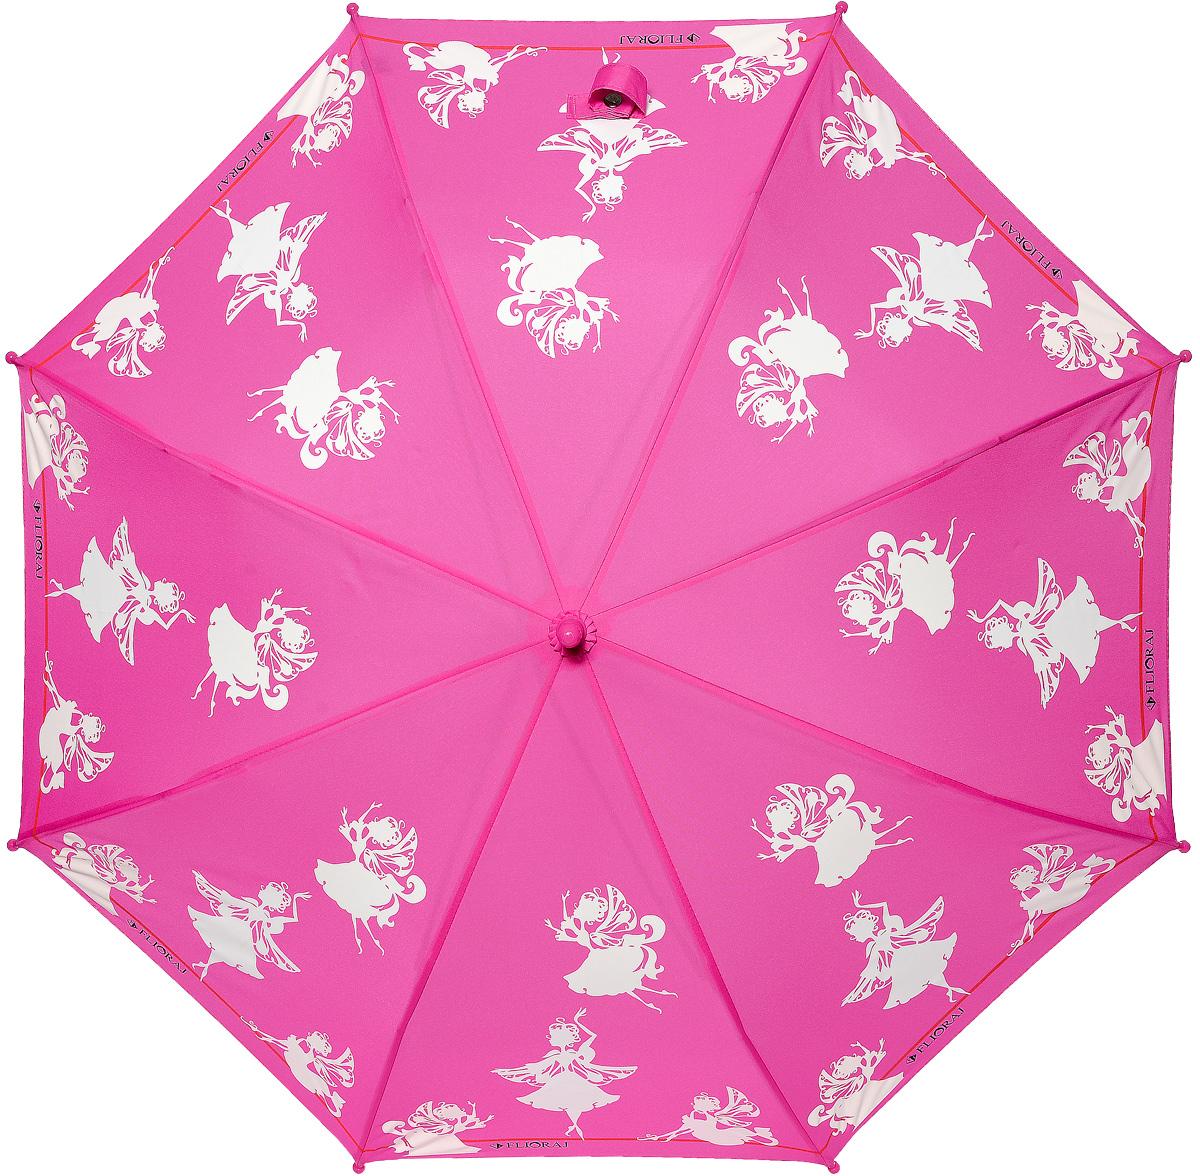 Зонт детский Flioraj 051210051210 FJМеханический, прочный детский зонт - надежная защита в непогоду. Яркие цвета поднимут настроение, а интересный эффект - проявление красок на рисунке - будет удивлять и радовать каждый раз! Предназначен для детей младшего и среднего школьного возраста. Для удобства предусмотрена безопасная технология открывания и закрывания зонта. Спицы зонта изготовлены из долговечного, но при этом легкого фибергласса, что делает его ветроустойчивым и прочным.